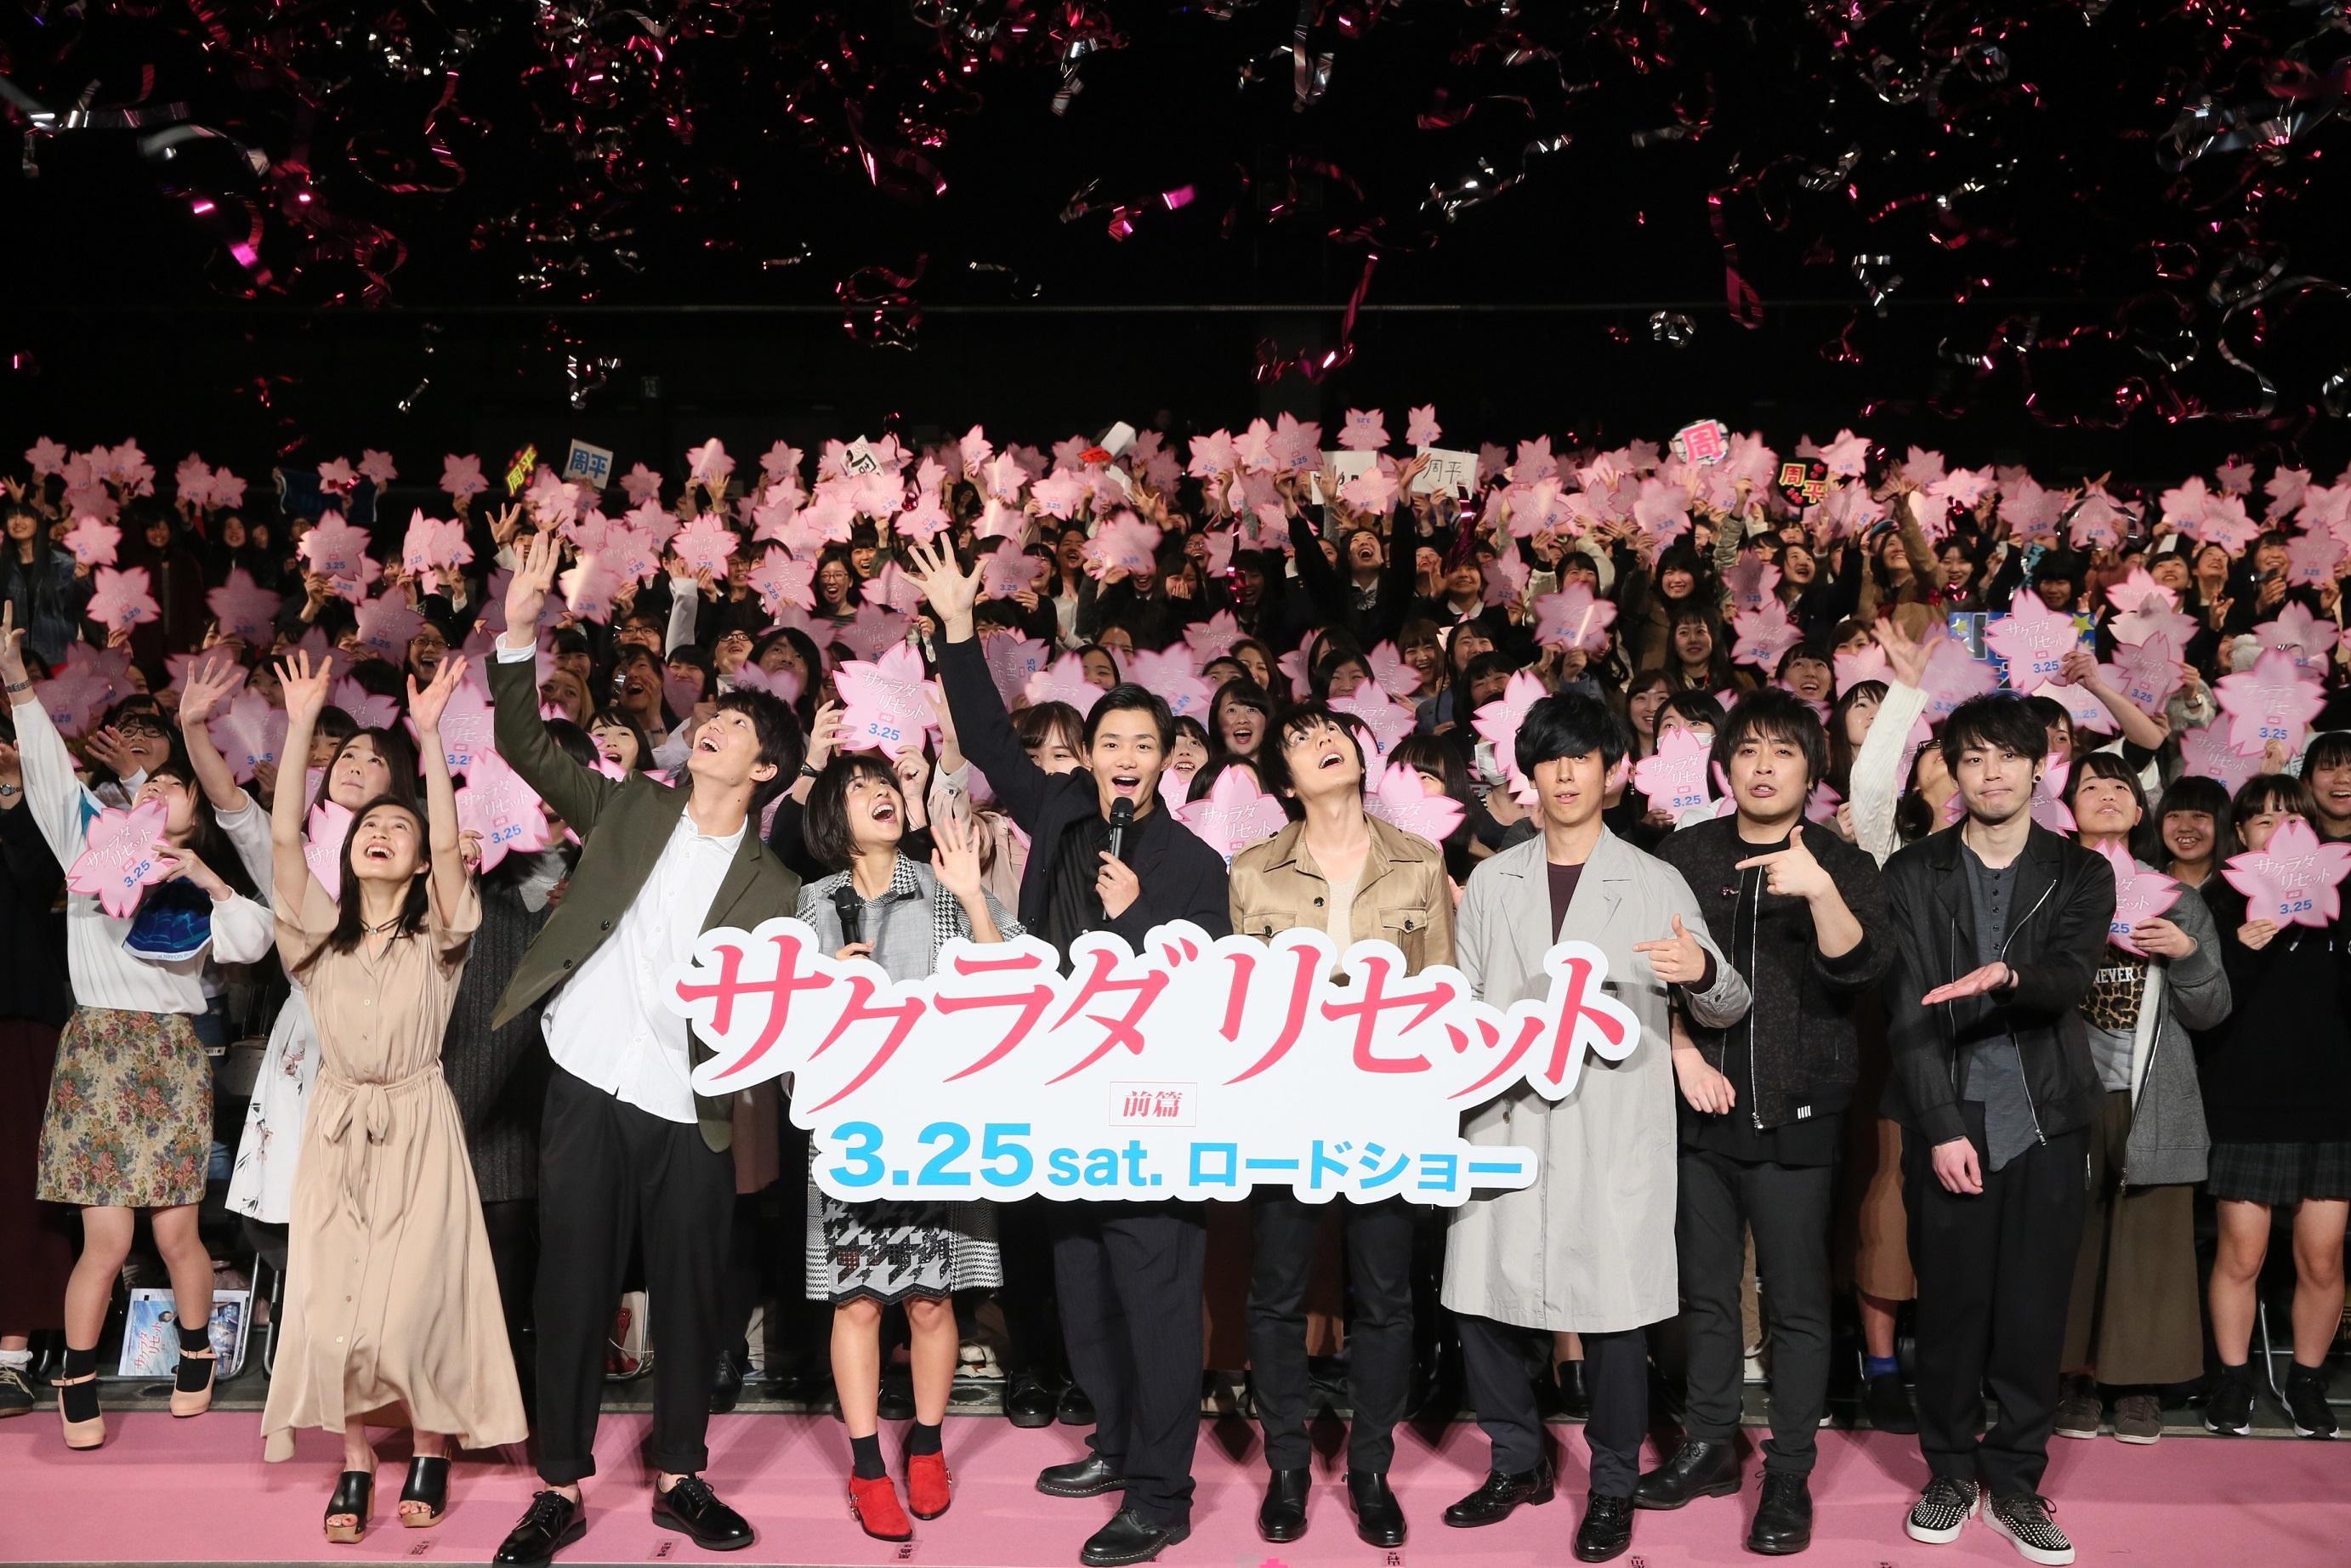 flumpool 映画『サクラダリセット』公開直前イベント